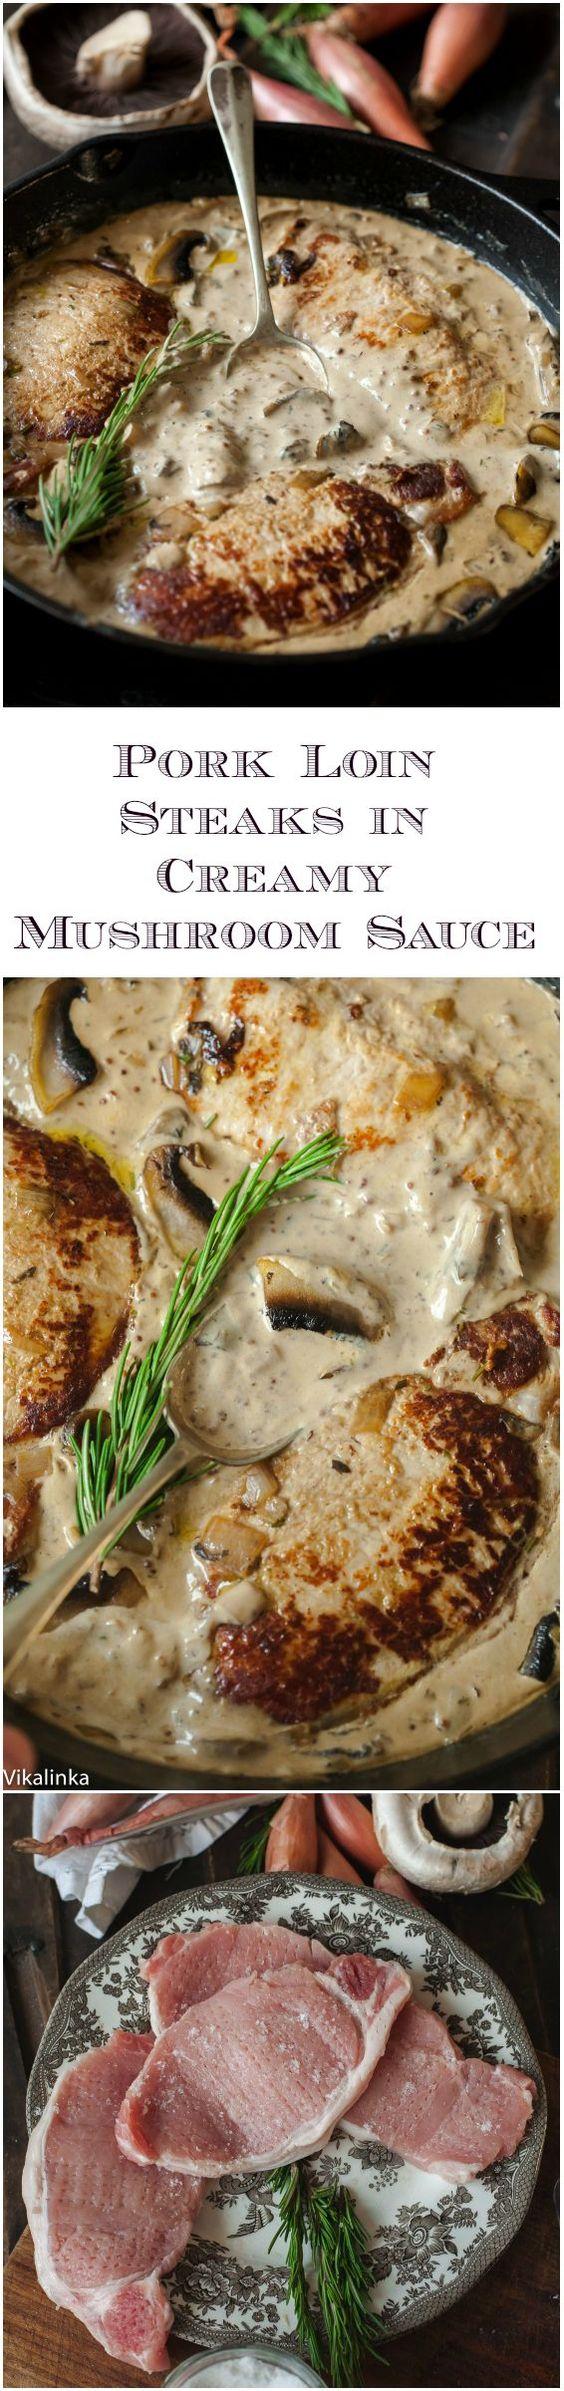 mushroom sauce steaks mushrooms pork creamy mushrooms sauces mushroom ...